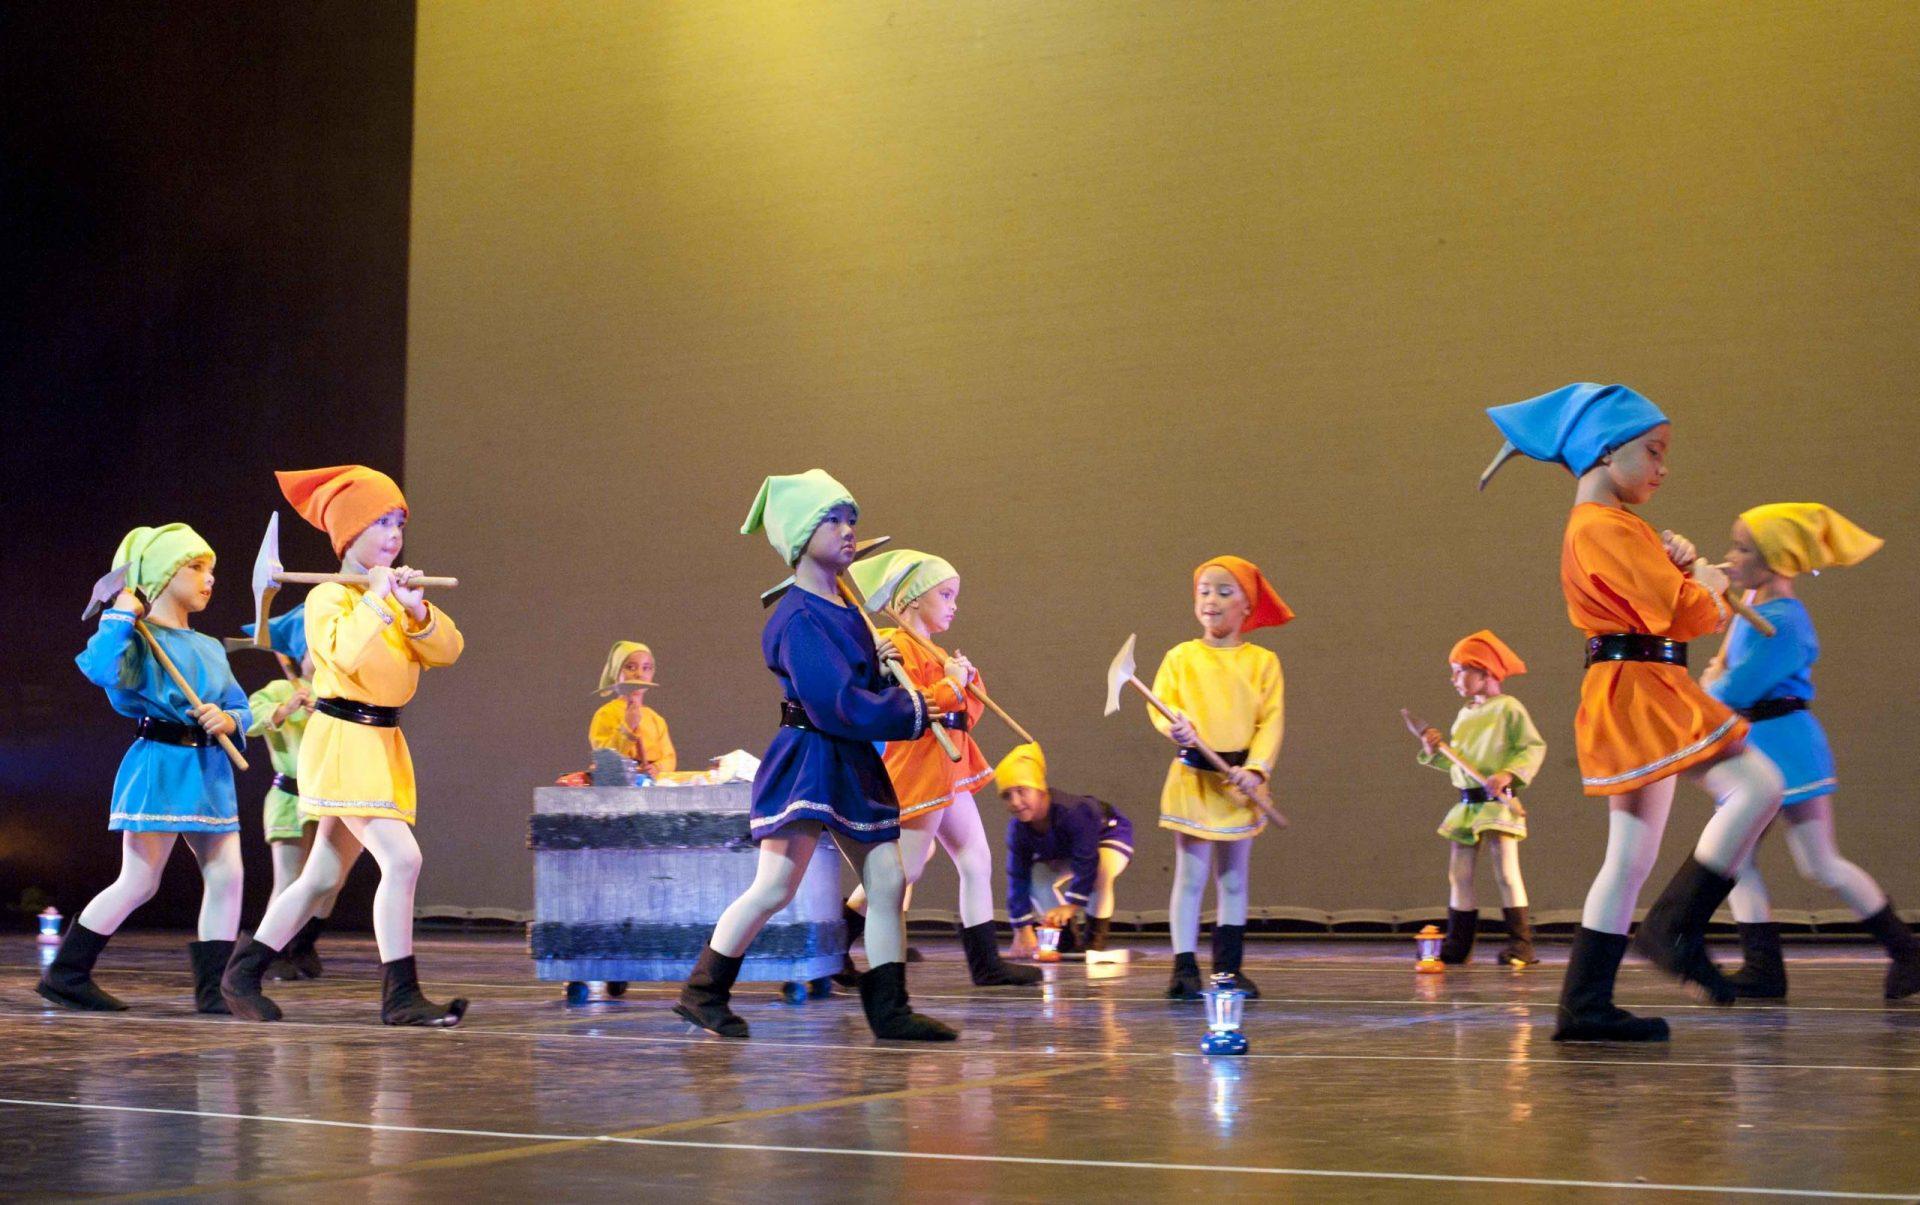 Un grupo de enanitas con pico al hombro caminan por el escenario para llevar los diamantes a la carretilla que tienen tras de sí. Son las alumnas de Predanza del Centro de danza Sandra Santa Cruz